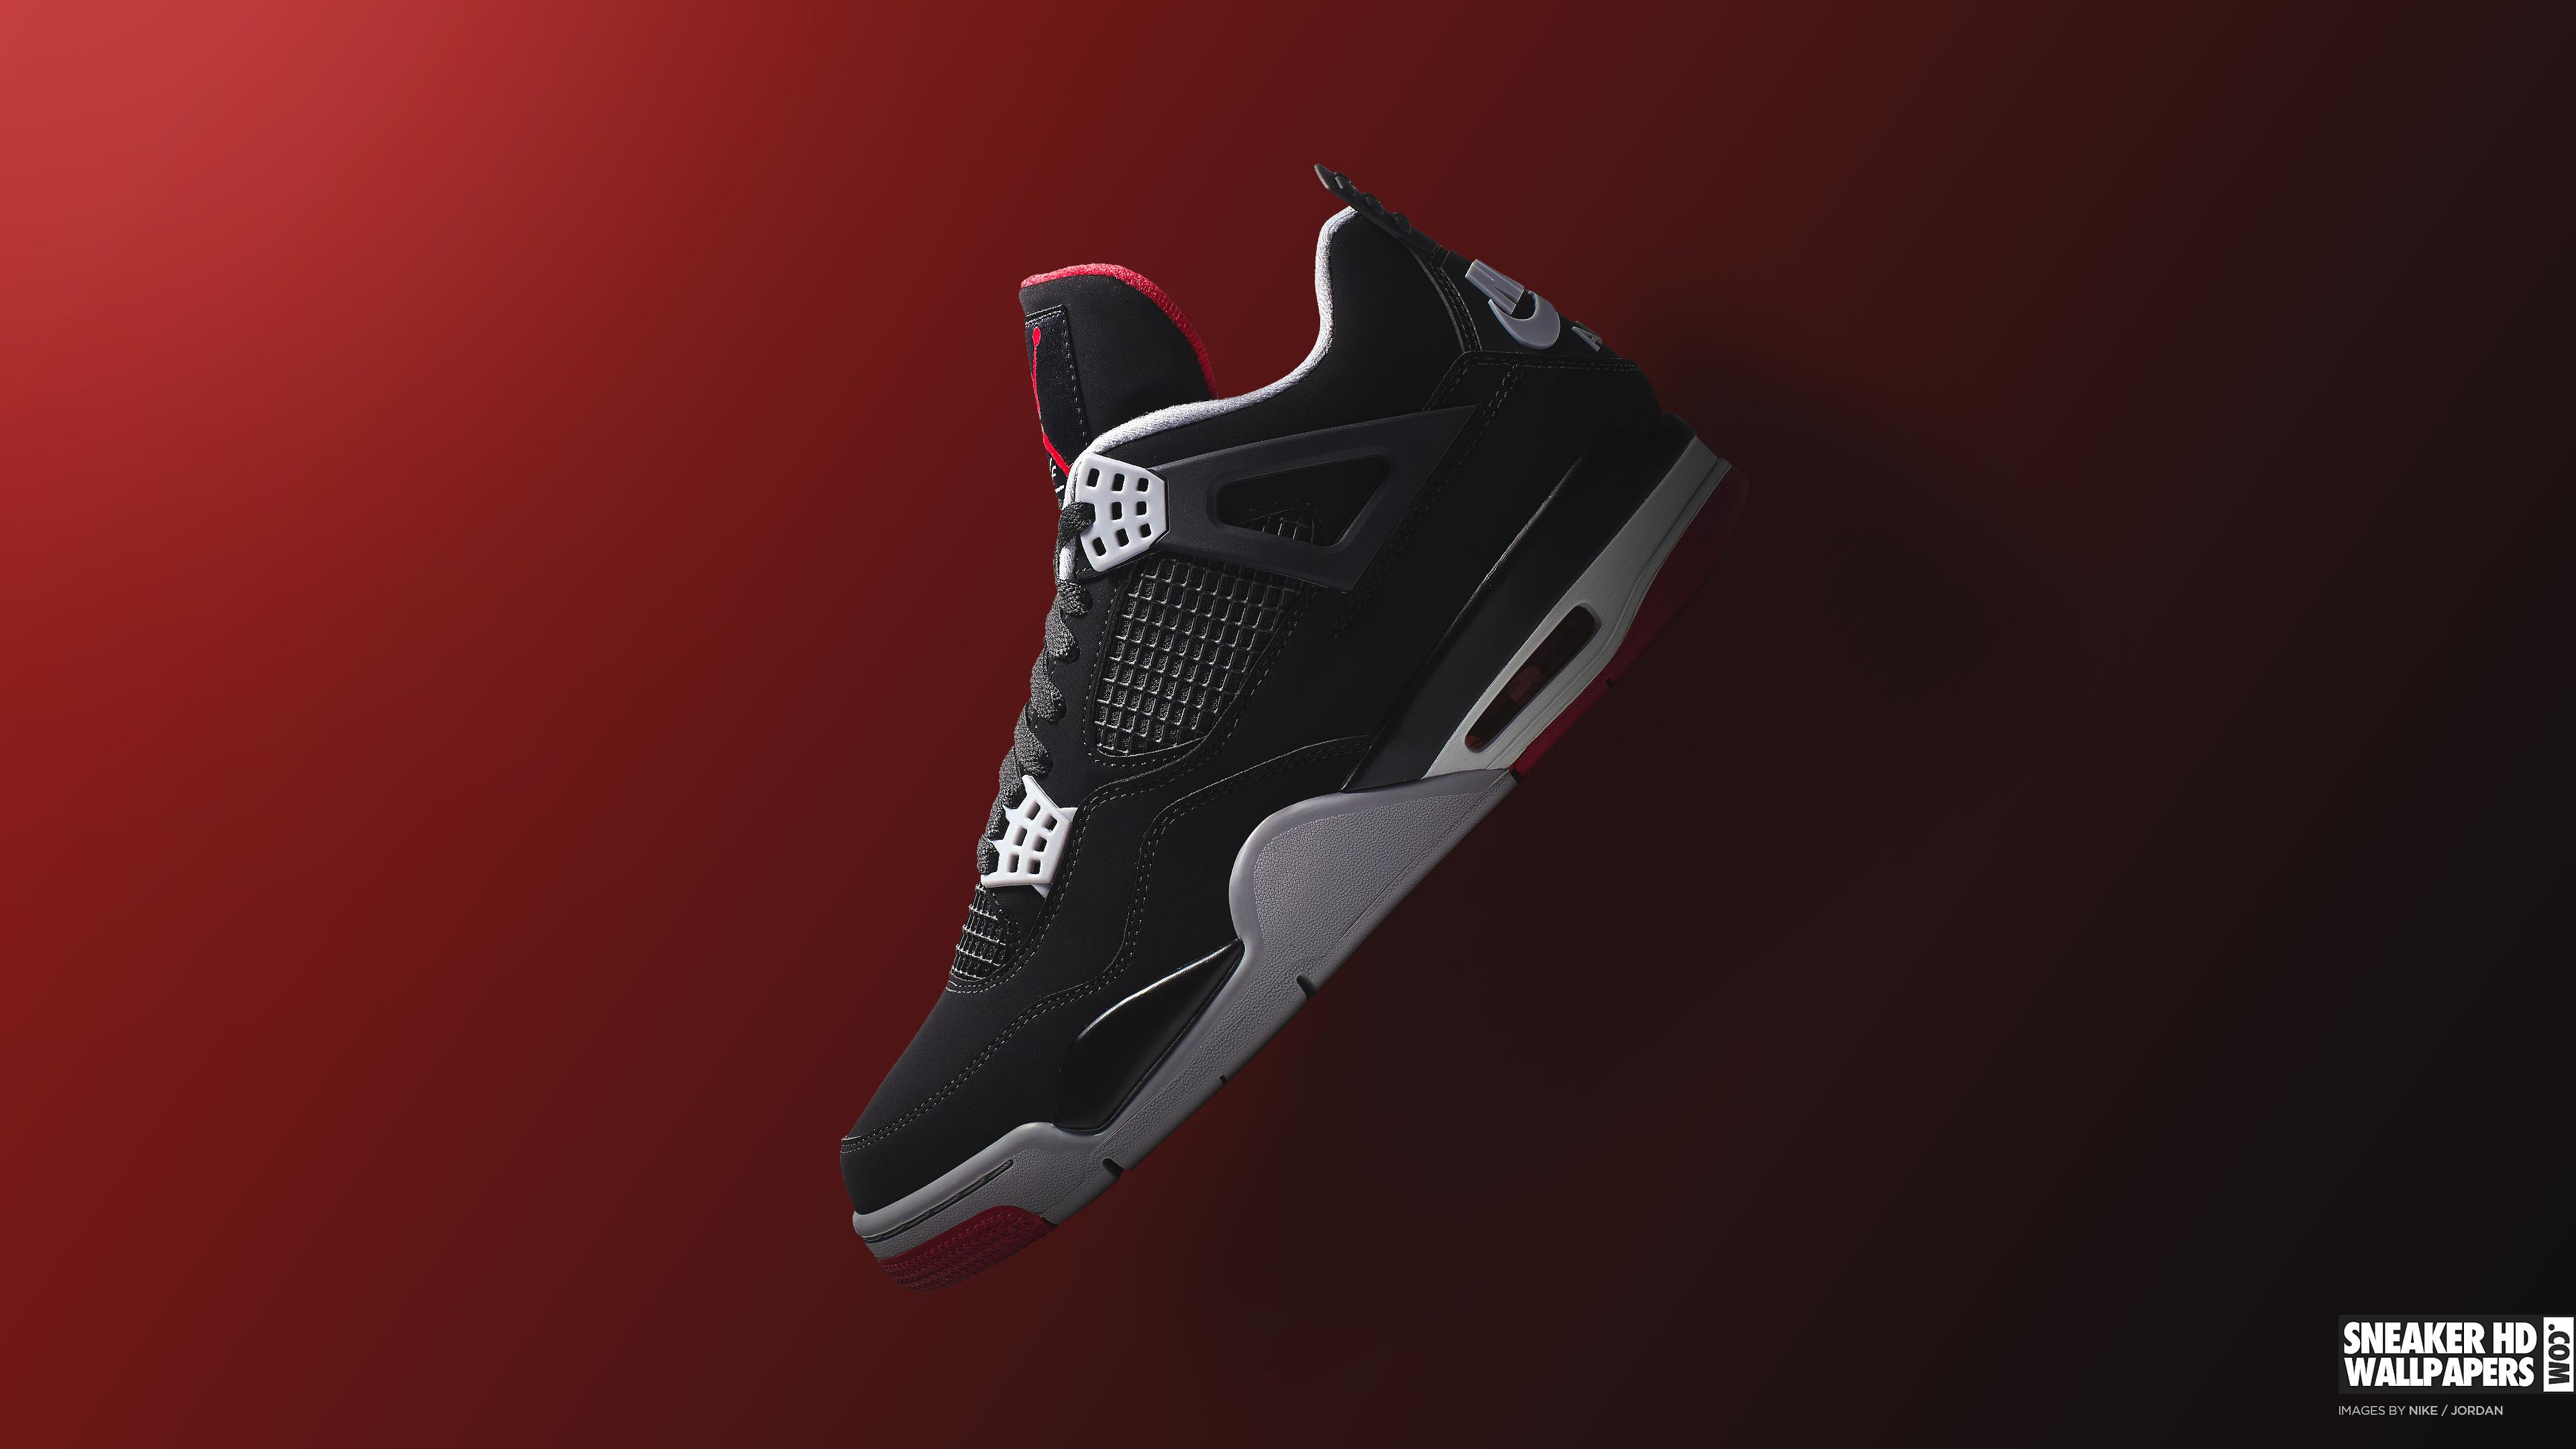 sneakerhdwallpapers com your favorite